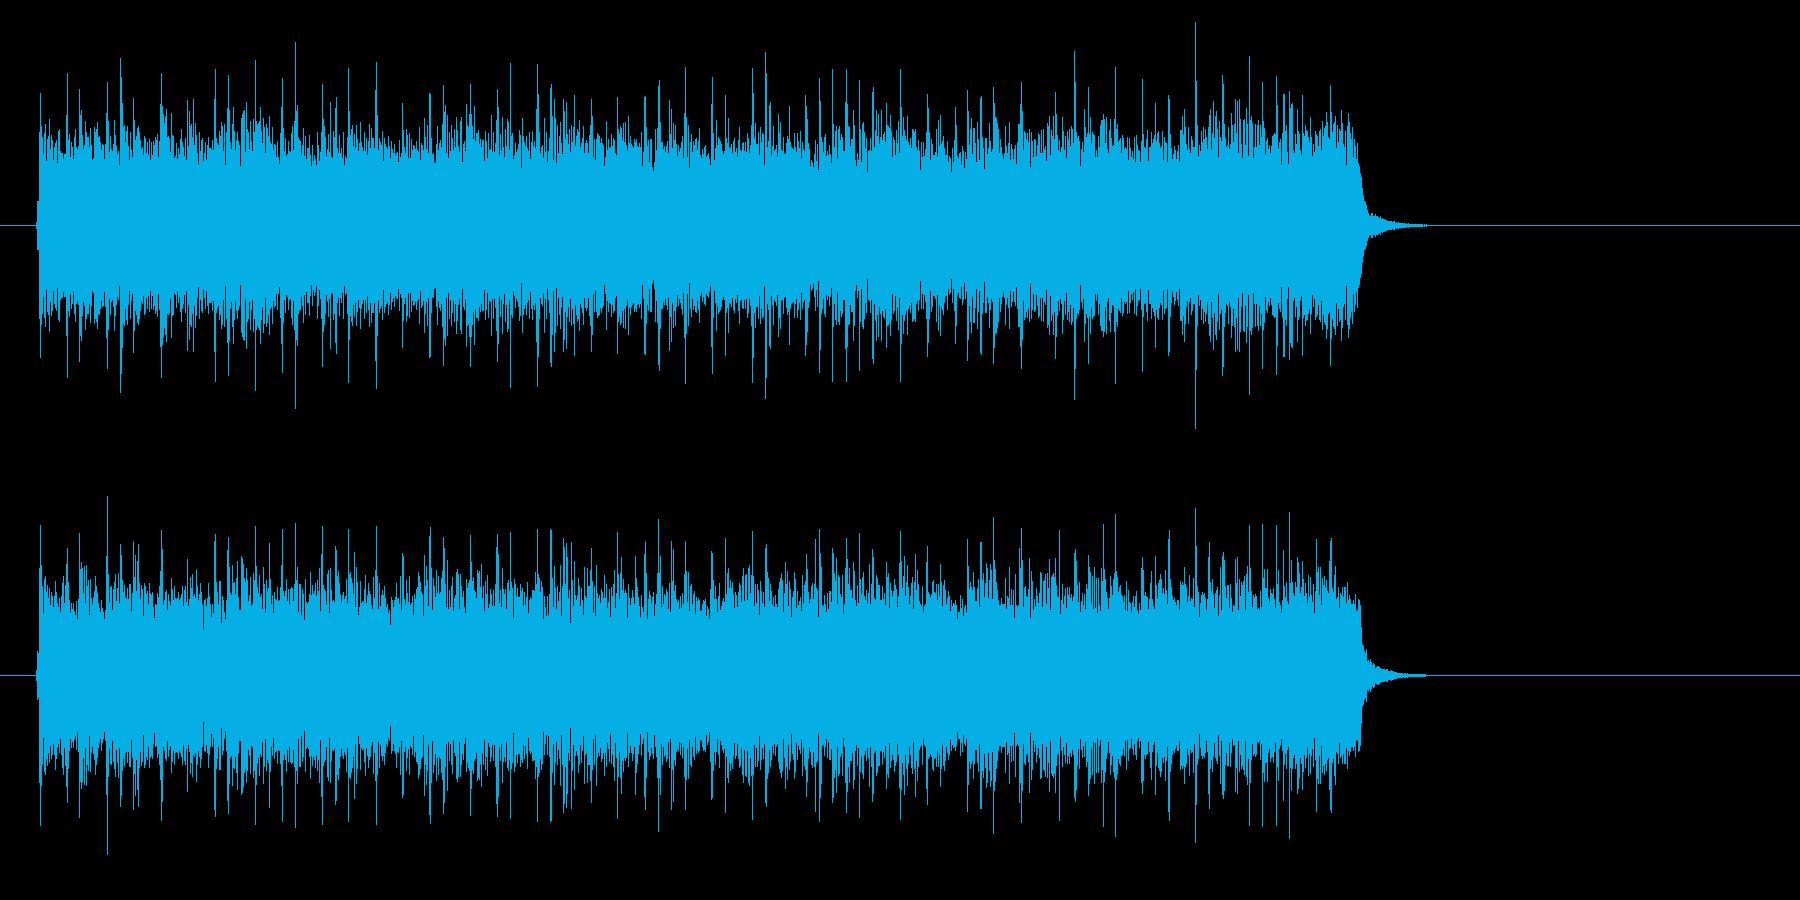 アメリカンロック/ポップ(サビ)の再生済みの波形